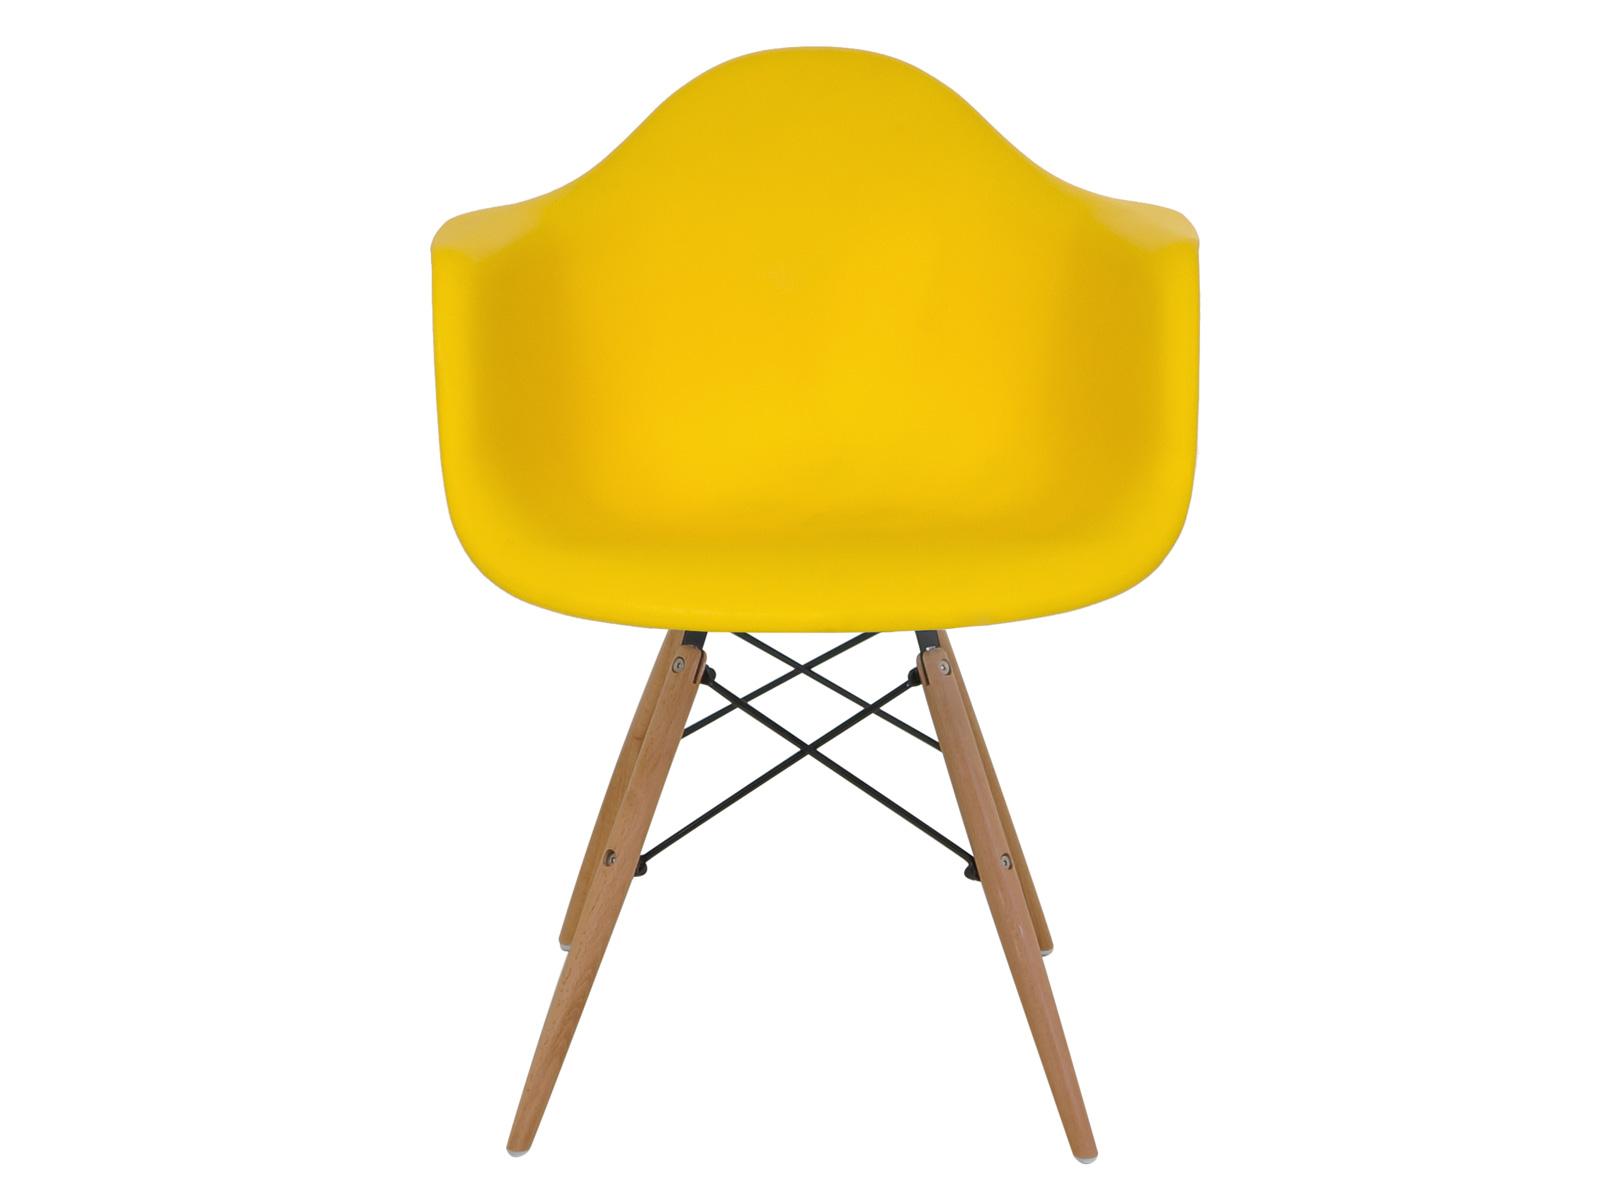 Стул SpacerОбеденные стулья<br>Одно из самых удобных пластиковых кресел, какое только можно себе представить! Эта эргономичная форма сиденья поддерживает спину, а деревянные ножки добавляют устойчивости. Используйте в качестве офисного кресла, или в виде обеденного стула в столовой в скандинавском стиле -- оно будет одинаково прекрасно смотрется везде.<br><br>Material: Пластик<br>Ширина см: 62<br>Высота см: 80<br>Глубина см: 57